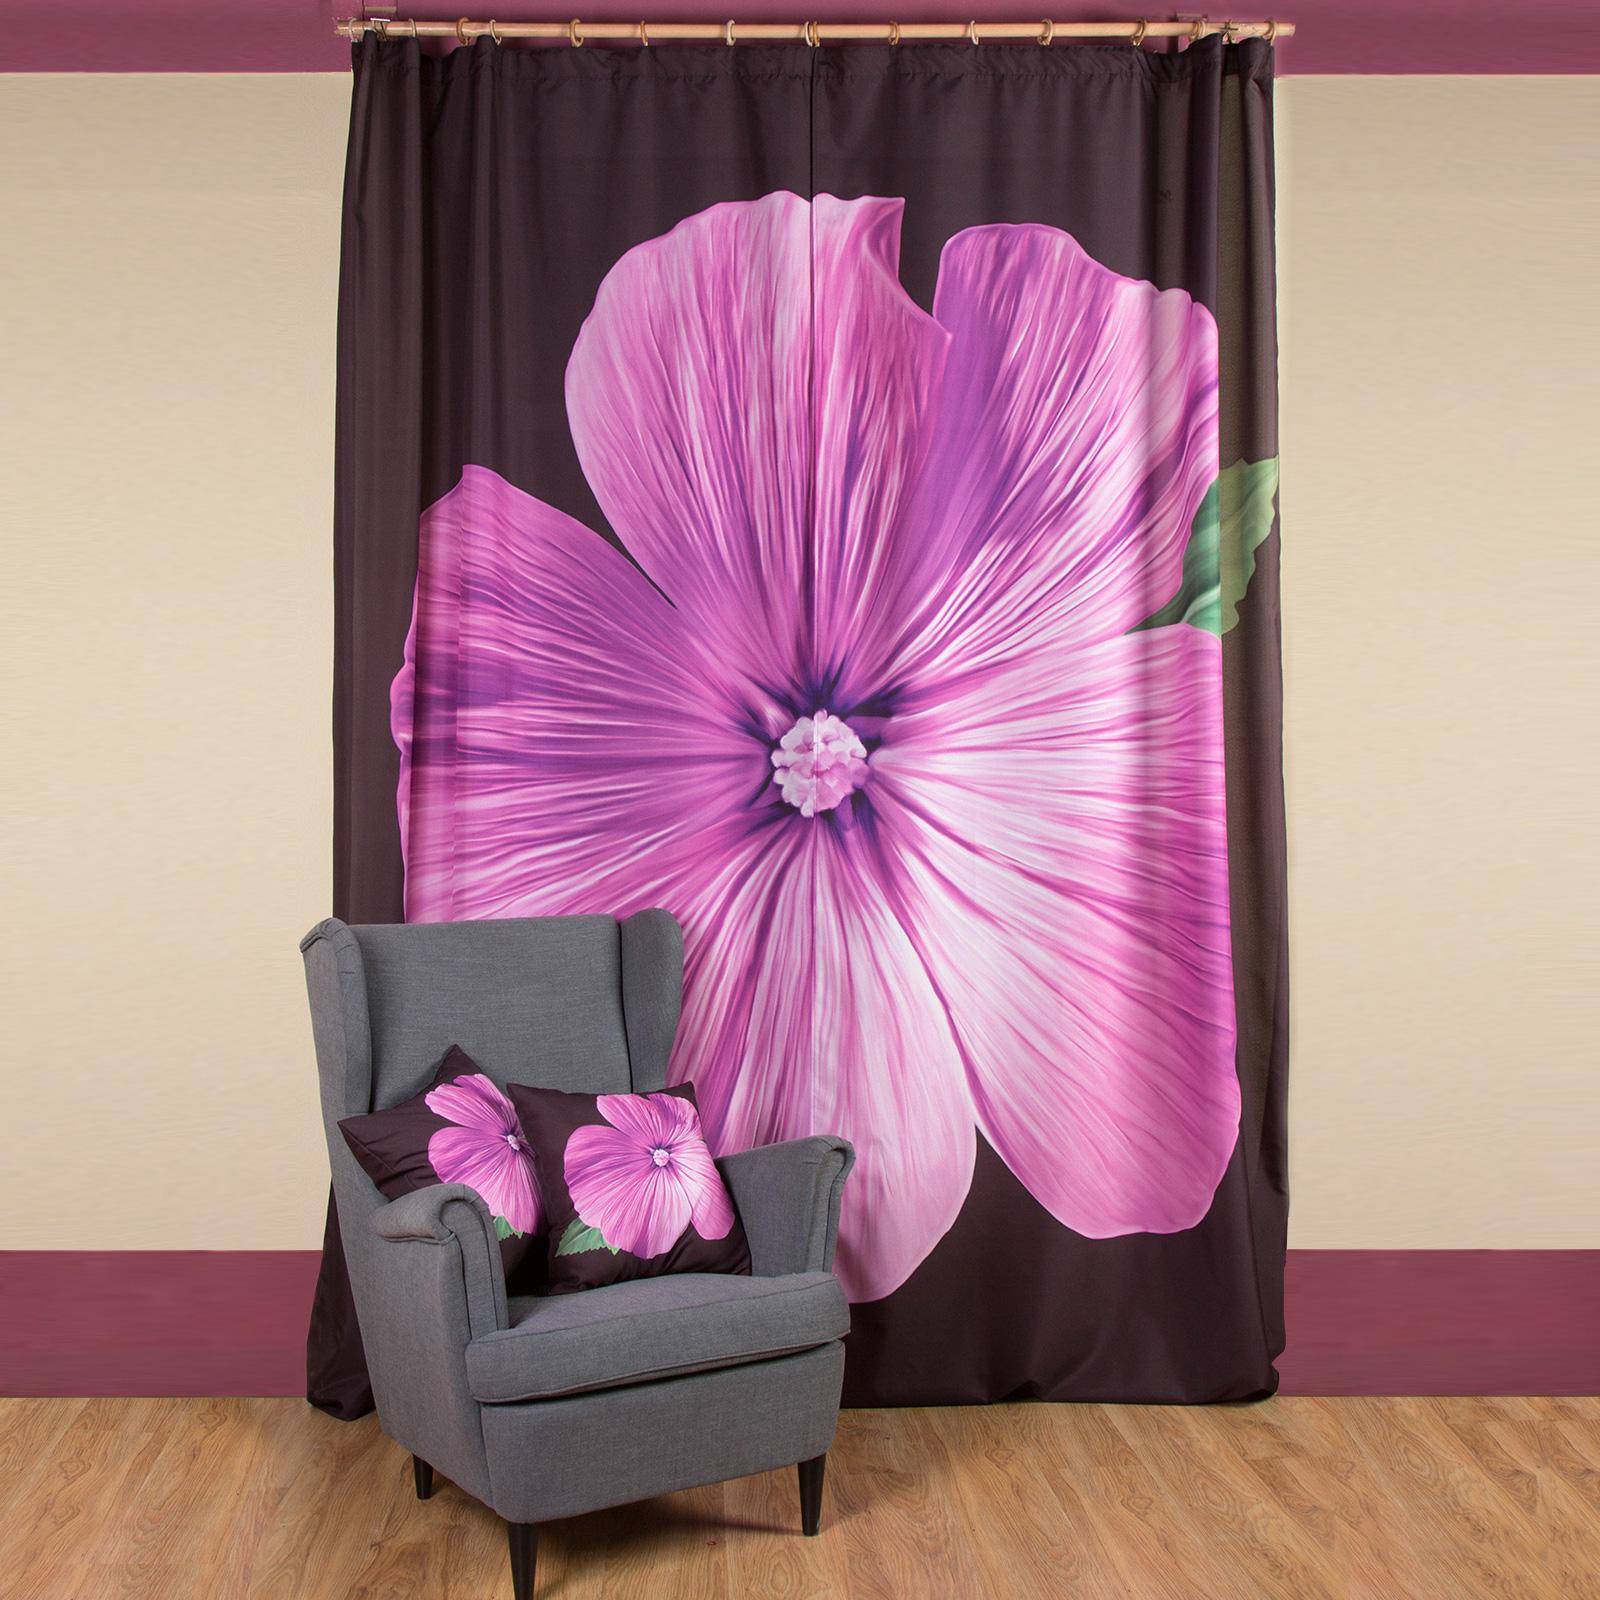 Комплект штор + 2 подушки «Элегант» живые цветы в вакууме купить в саратове